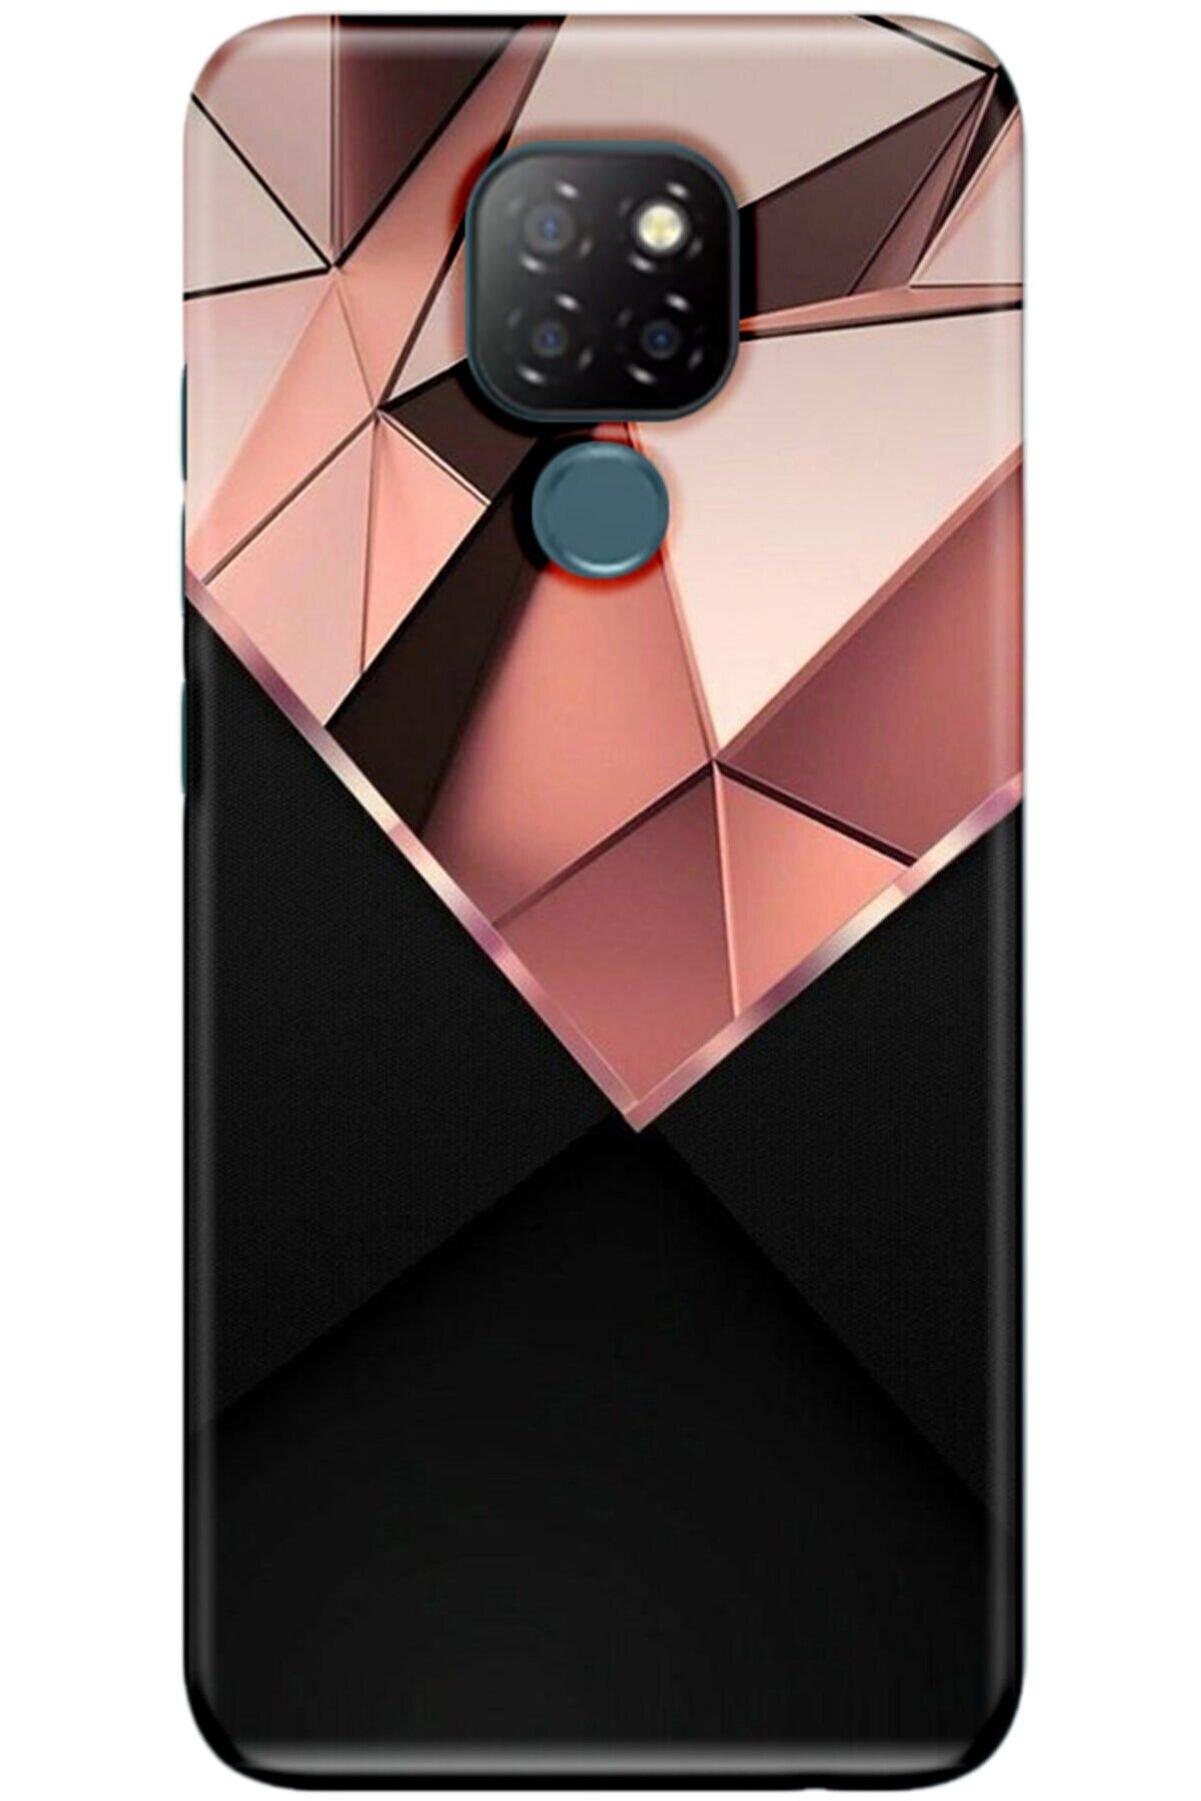 Noprin General Mobile Gm 20 Kılıf Silikon Baskılı Desenli Arka Kapak